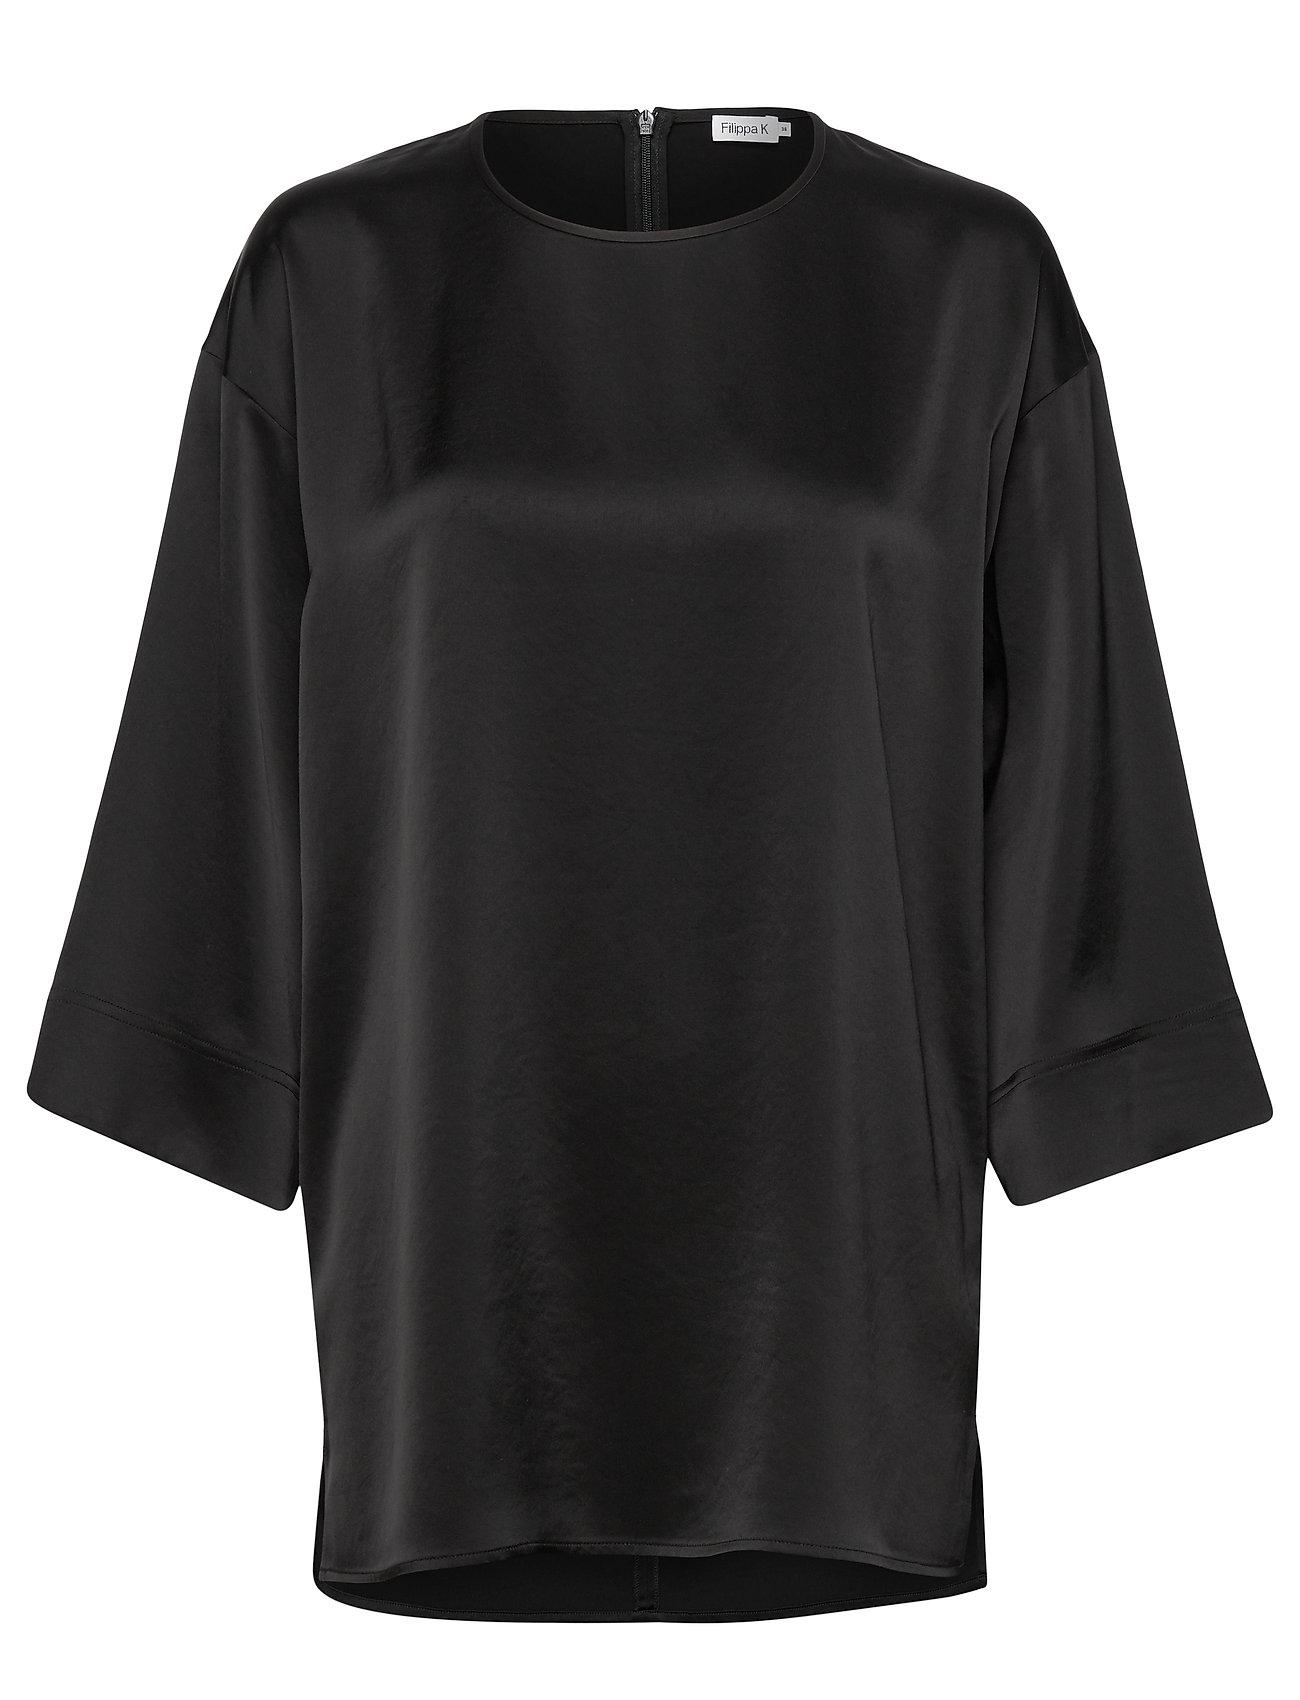 Filippa K Lydia Top - BLACK